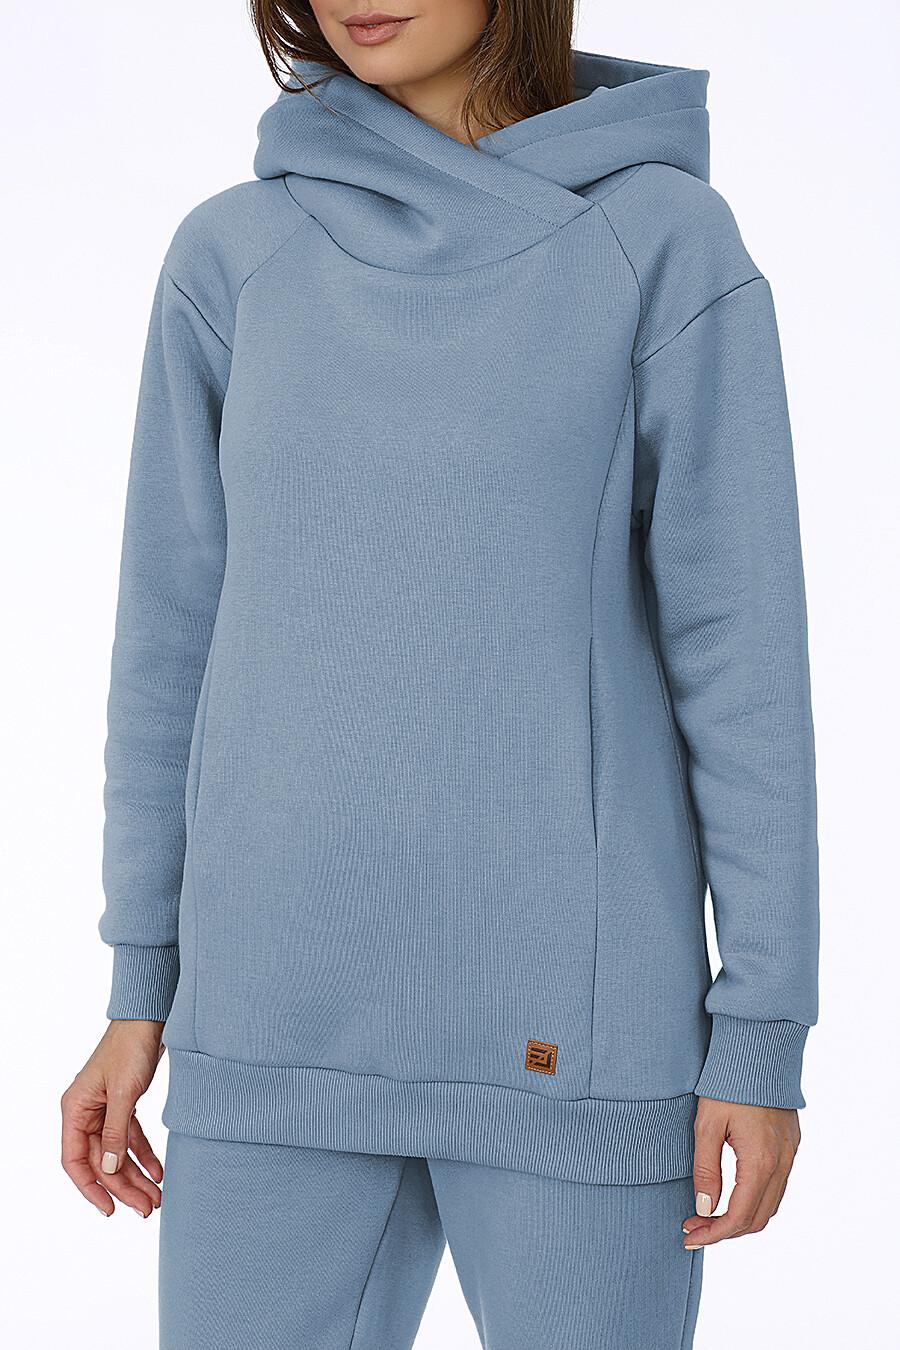 Худи для женщин EZANNA 708518 купить оптом от производителя. Совместная покупка женской одежды в OptMoyo